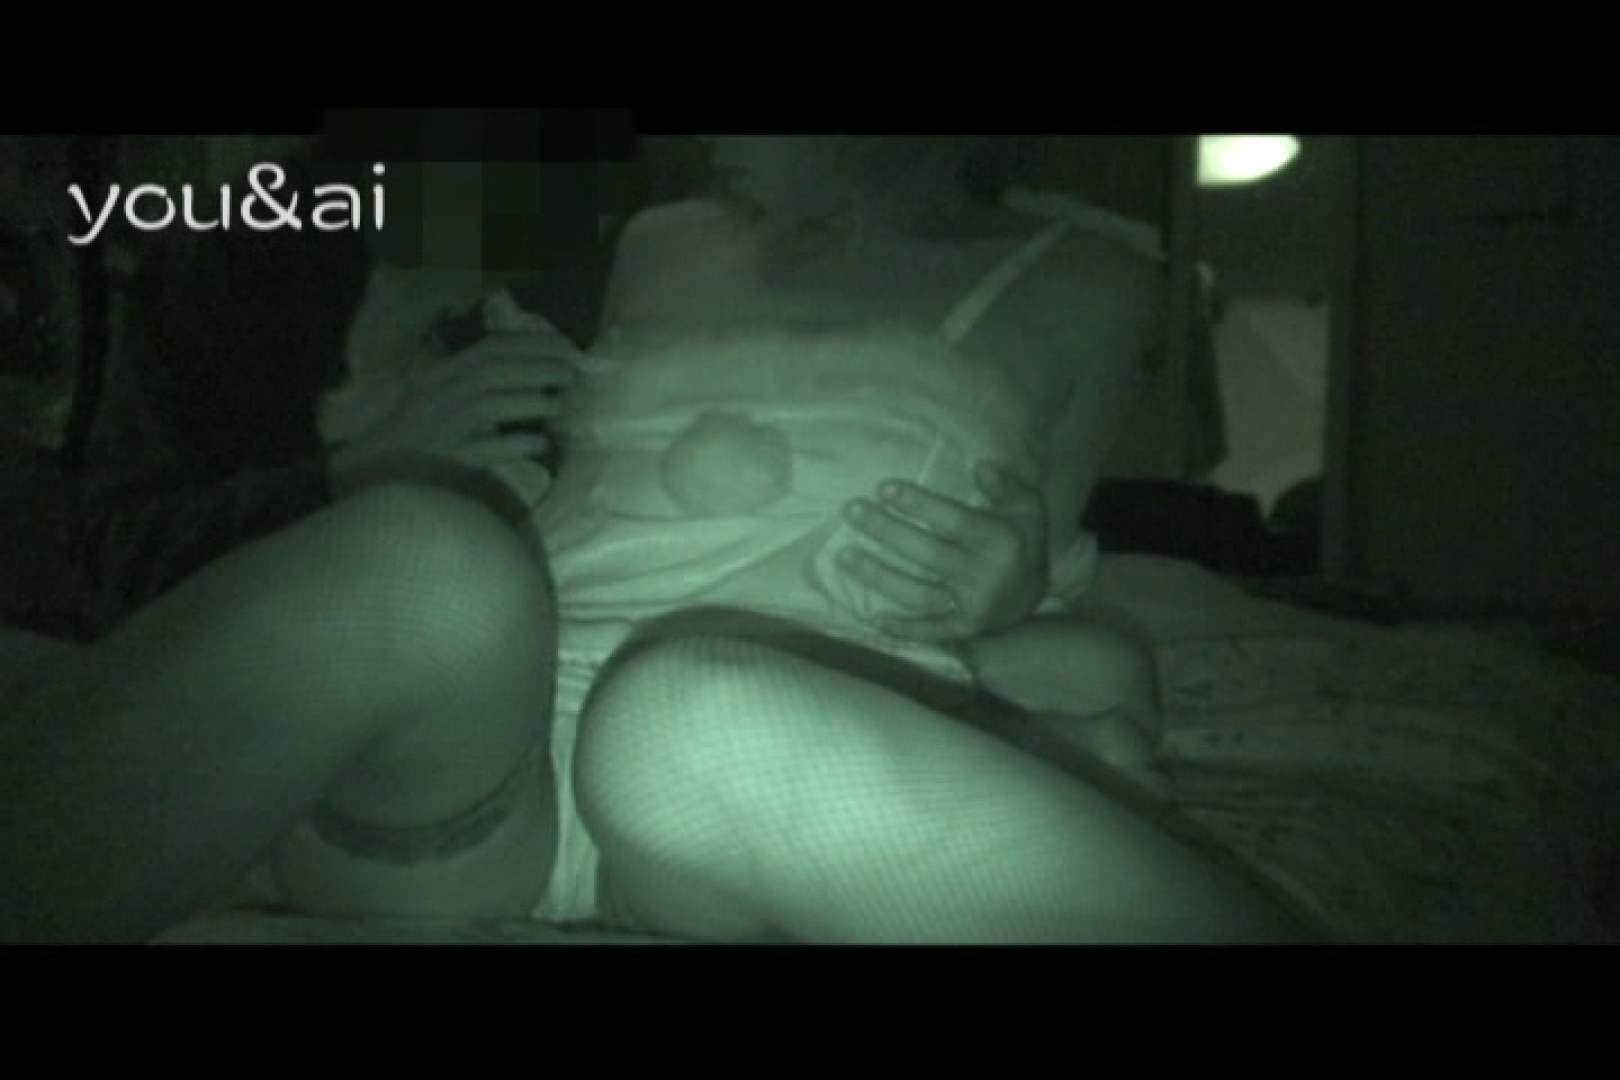 おしどり夫婦のyou&aiさん投稿作品vol.5 すけべなOL AV無料動画キャプチャ 102画像 44